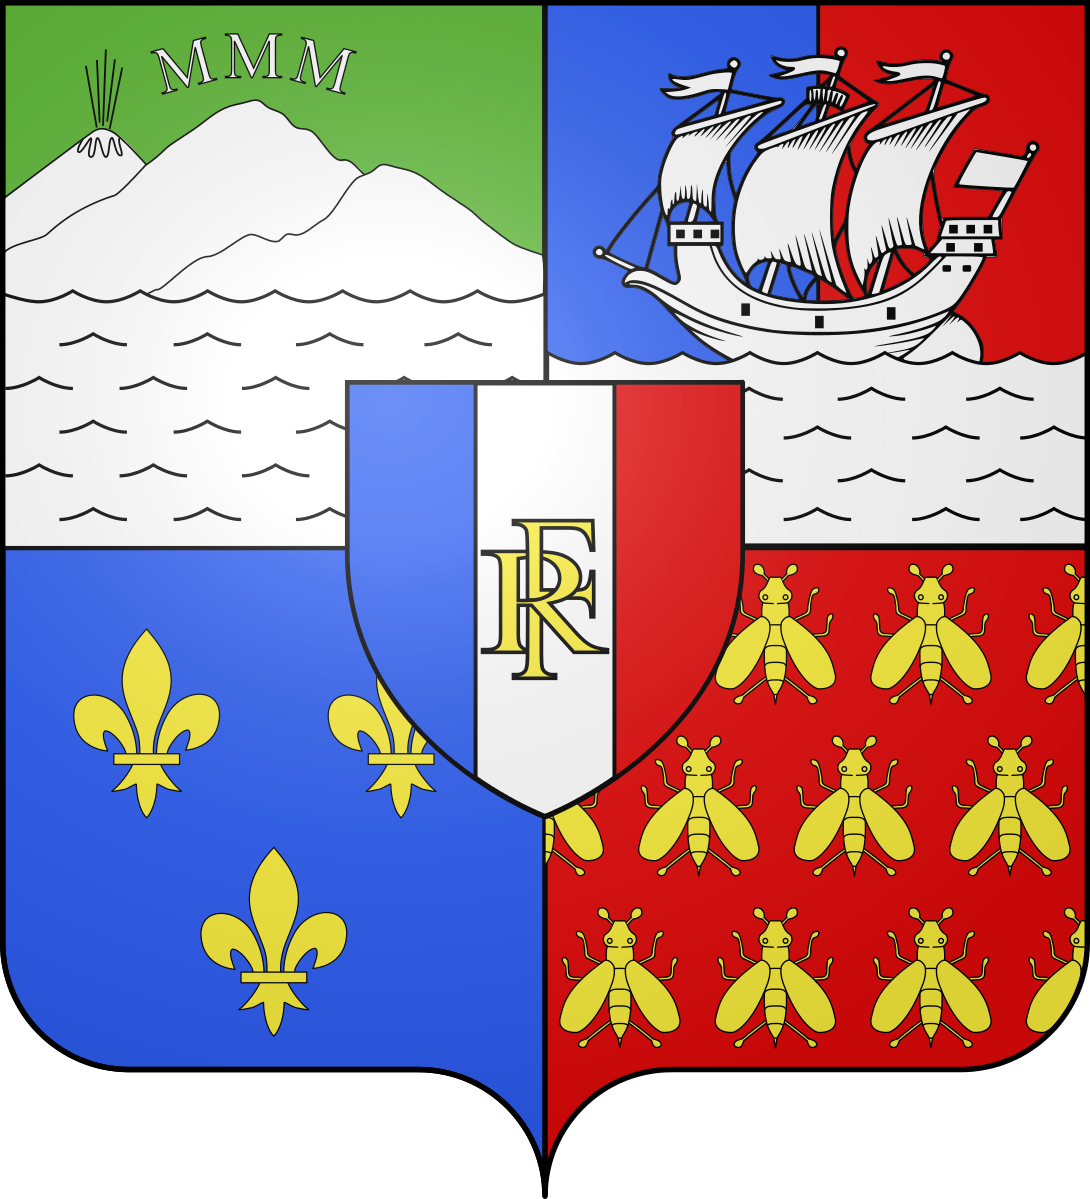 Blason-Réunion-compagnie-des-indes